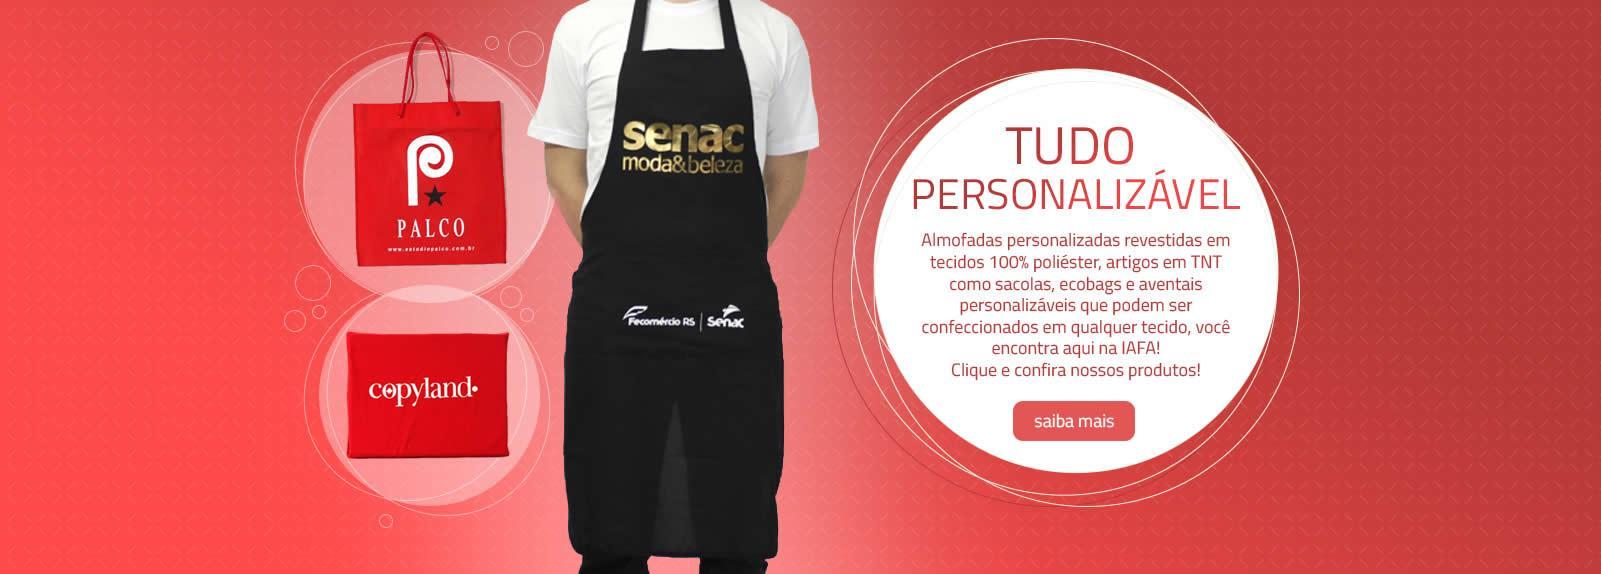 Camisetas personalizadas em Porto Alegre